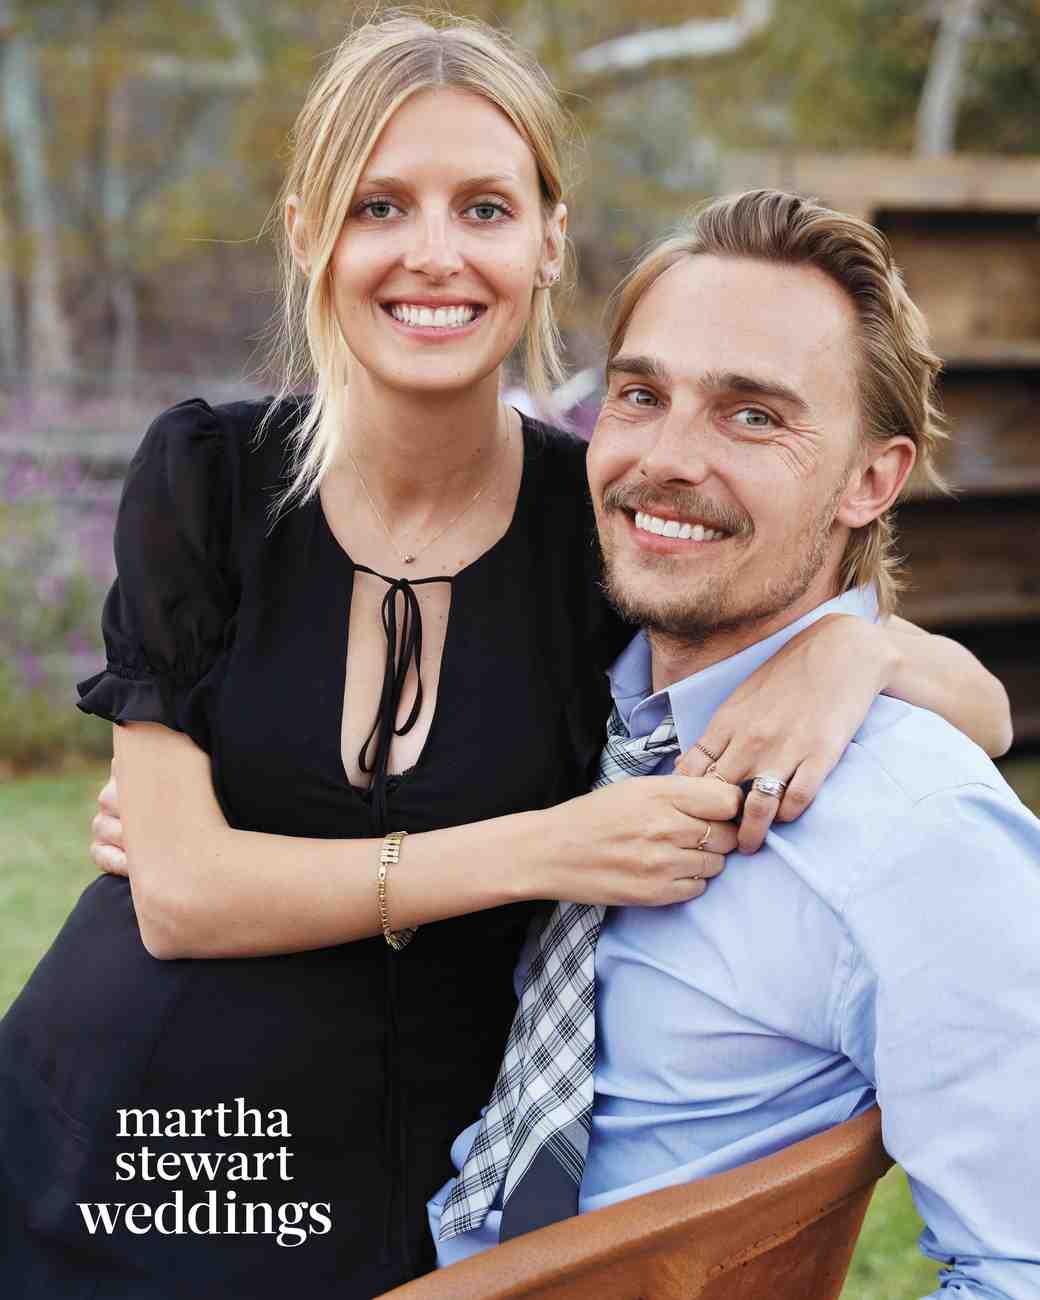 jamie-bryan-wedding-25-cocktailhour-guests-3626-d112664.jpg